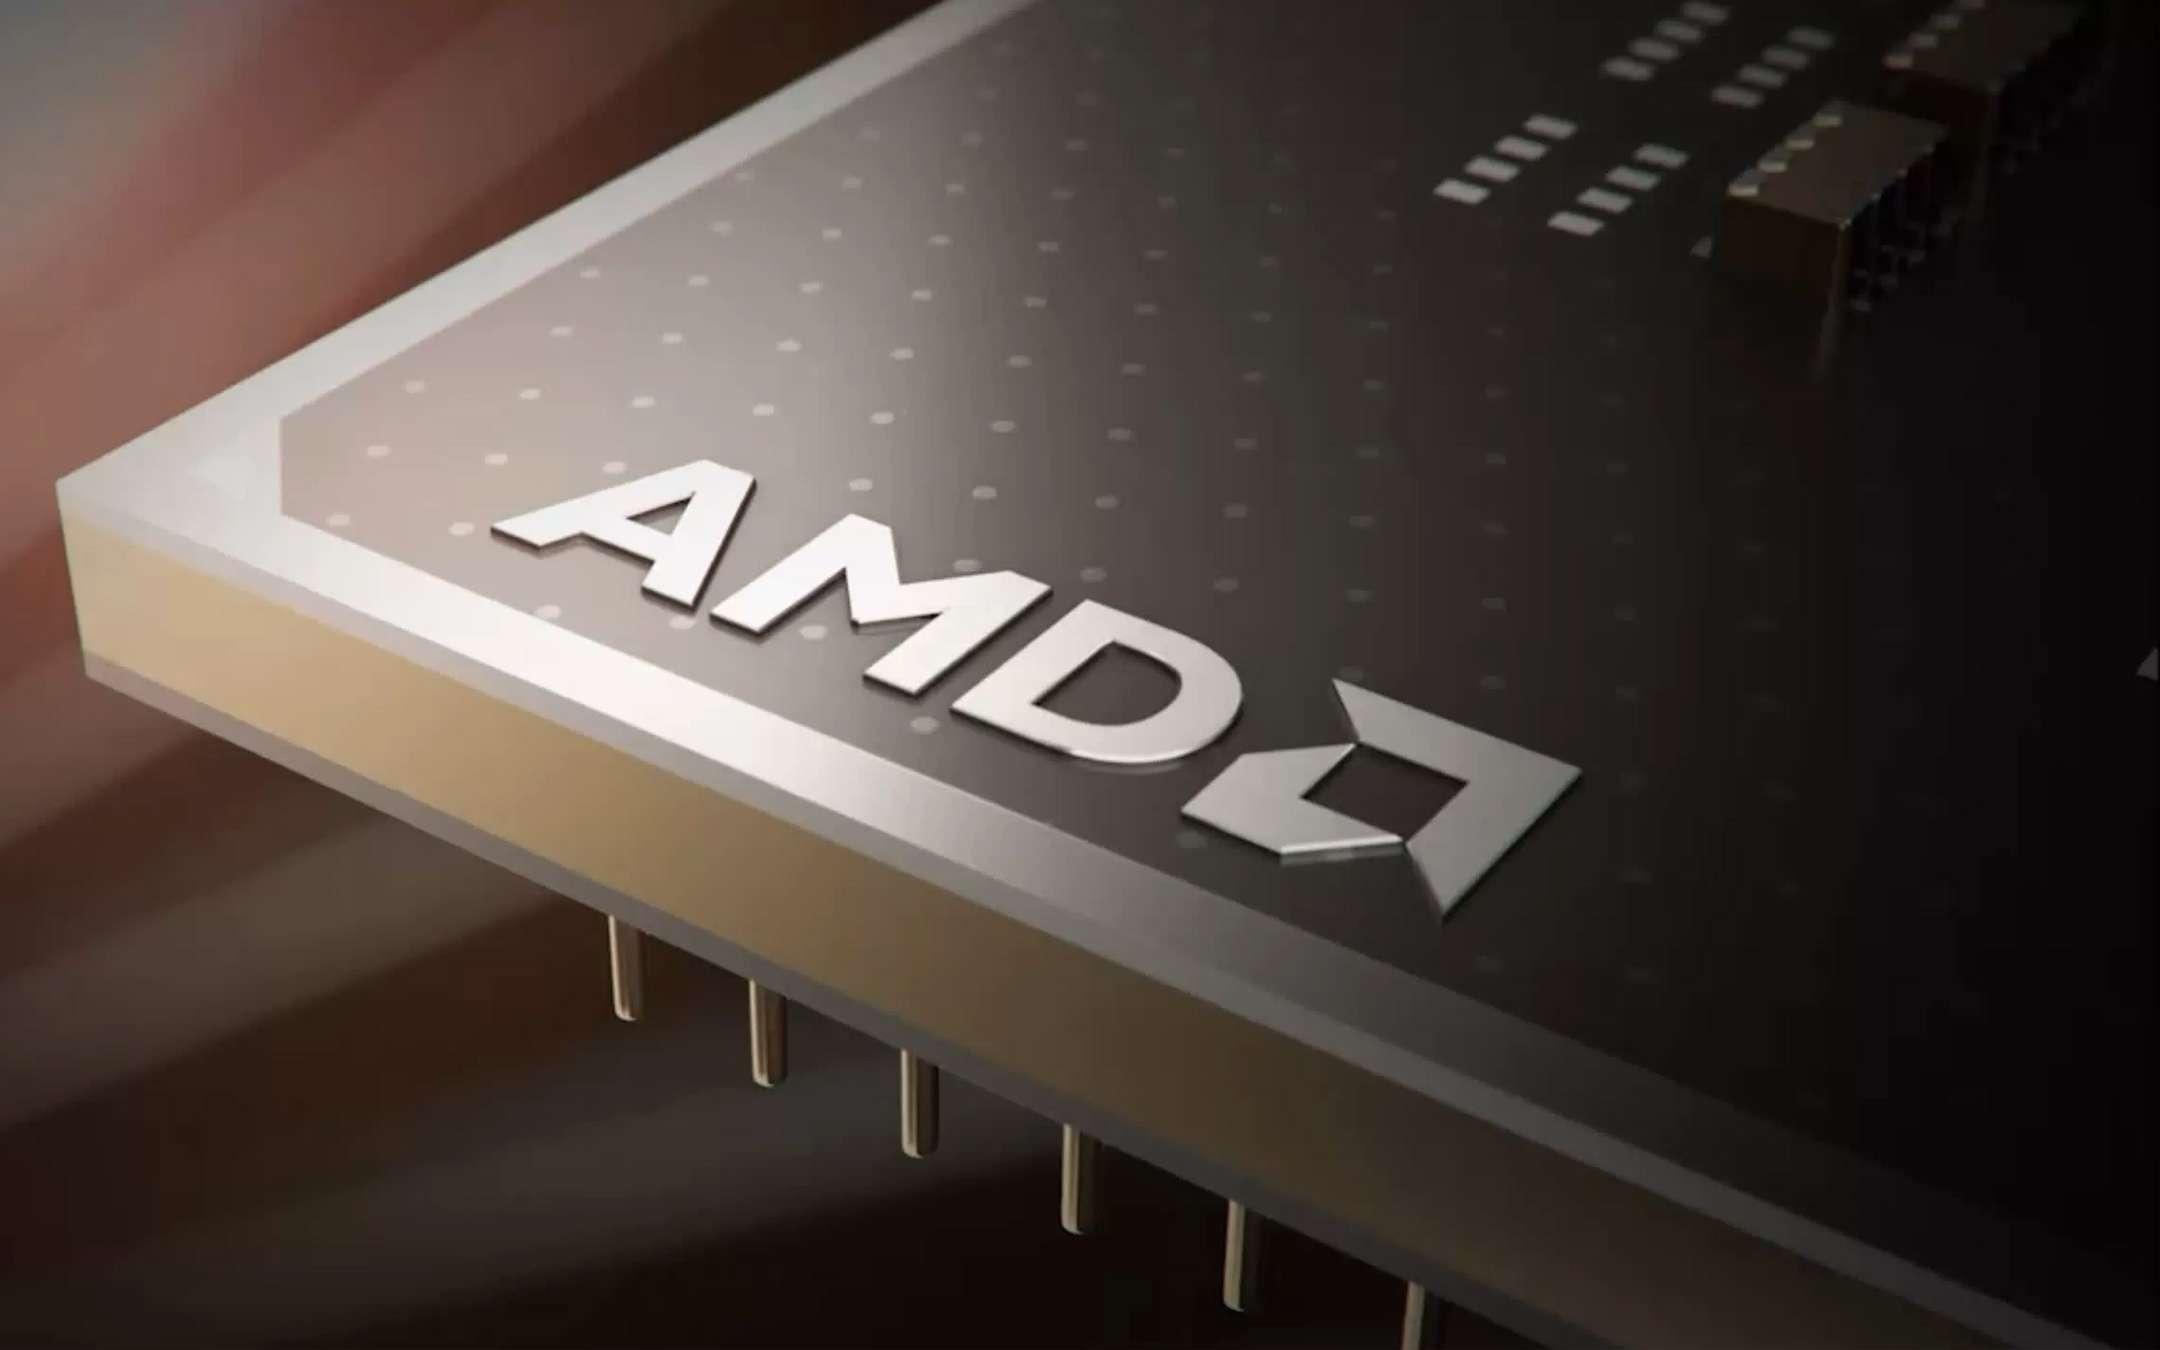 Zen 3: AMD Ryzen 5000, official new CPUs